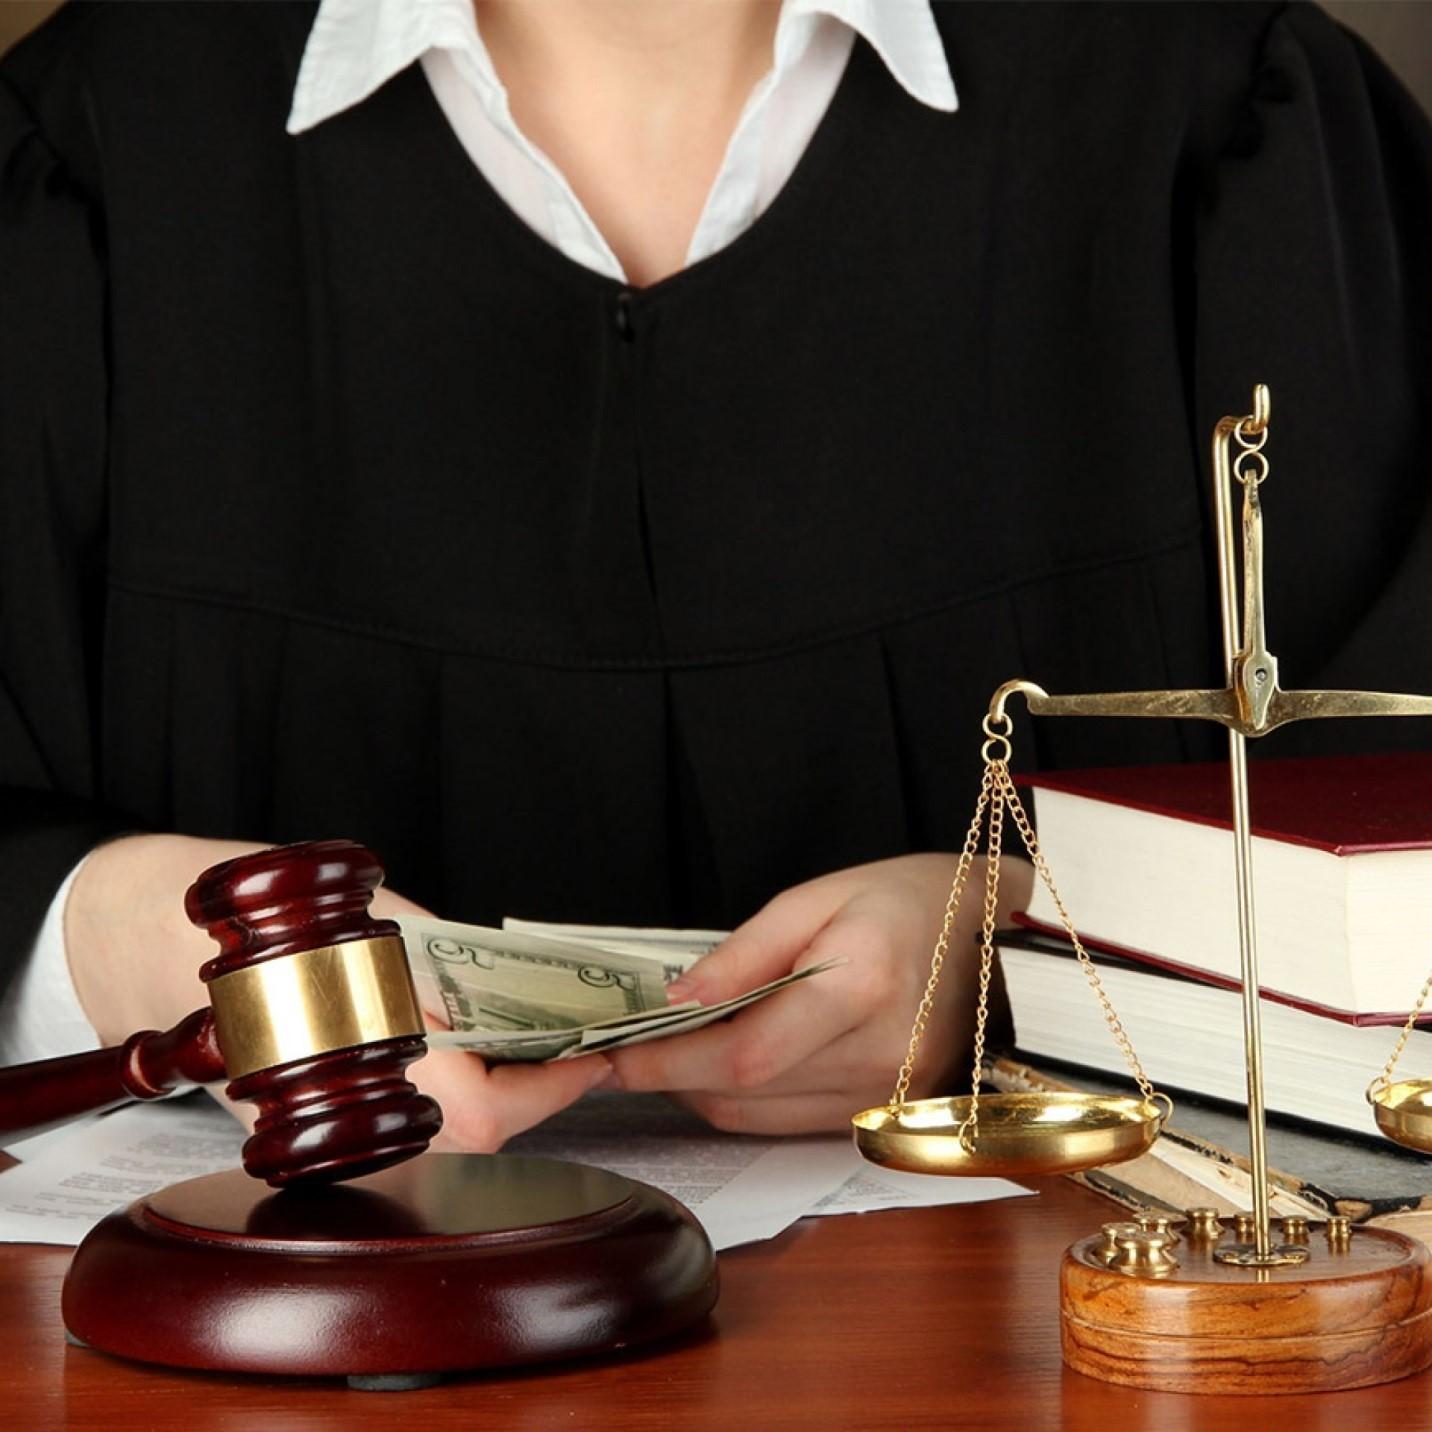 یک وکیل خوب با چه مشخصاتی شناخته می شود؟